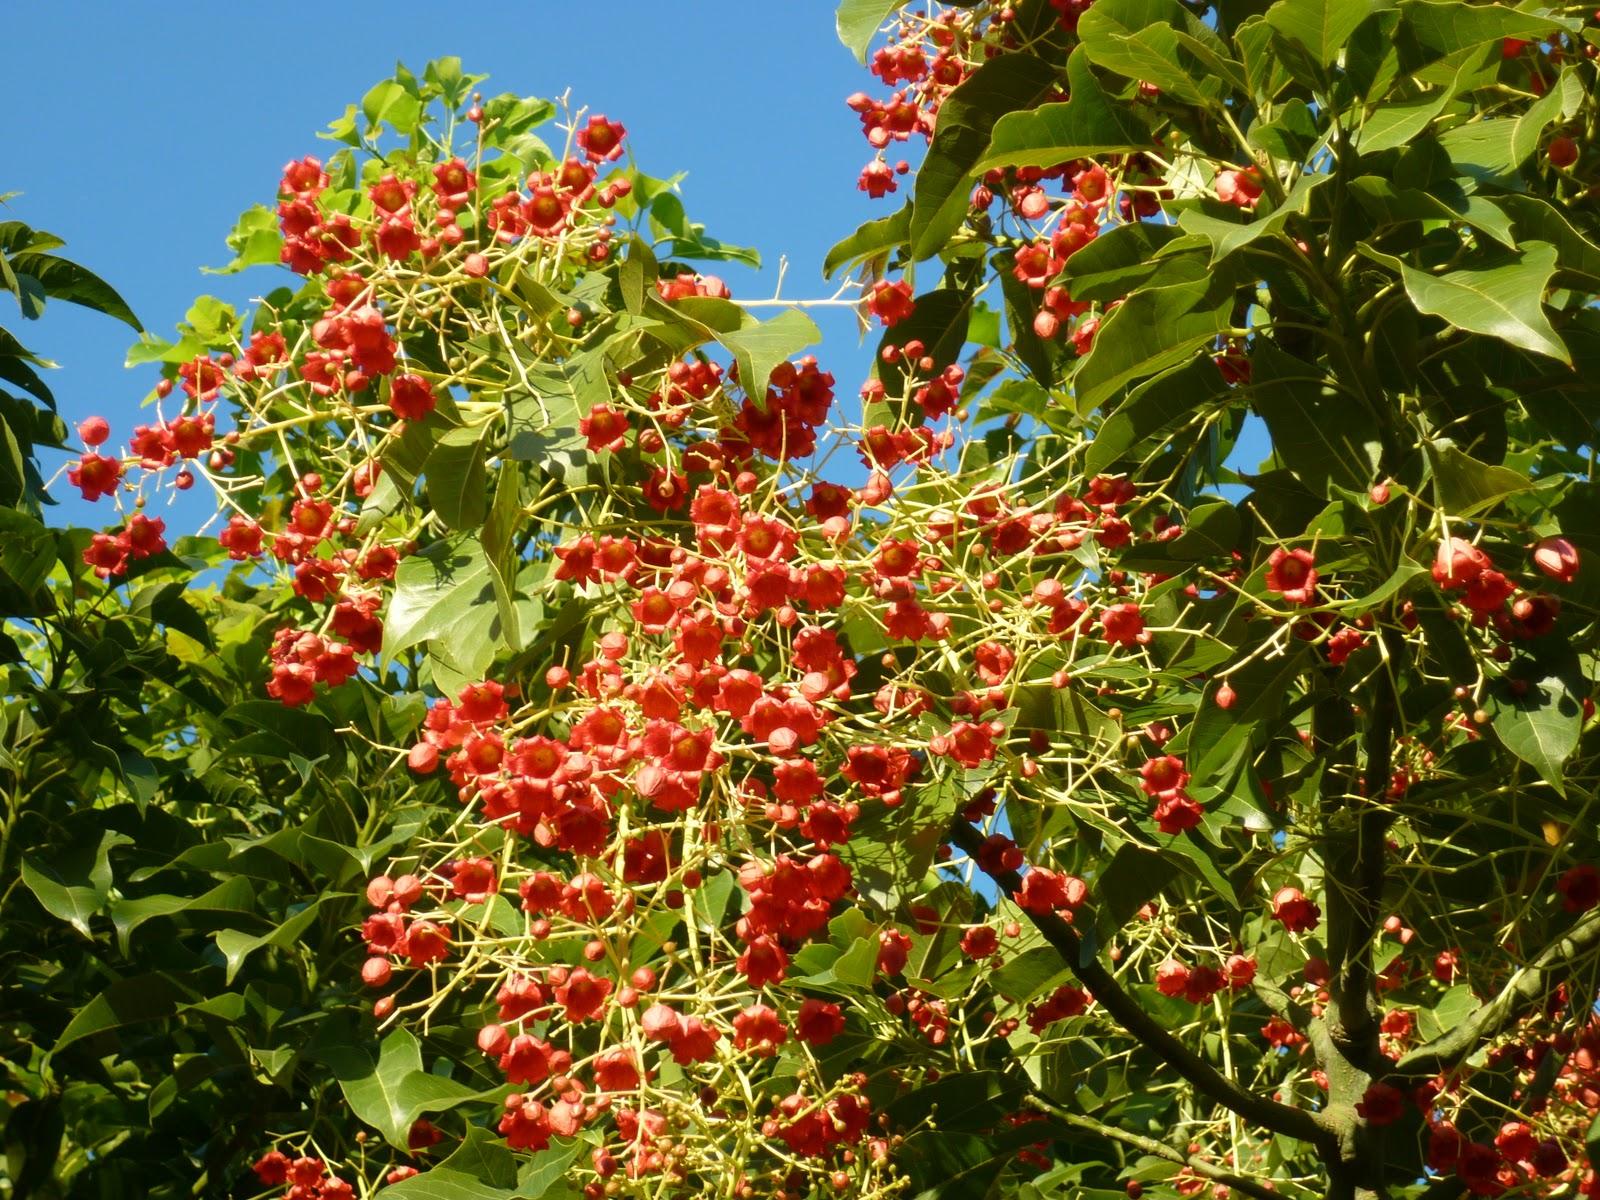 Cagliari in verde la pianta con i frutti lampadario for Pianta ornamentale con fiori a grappolo profumatissimi